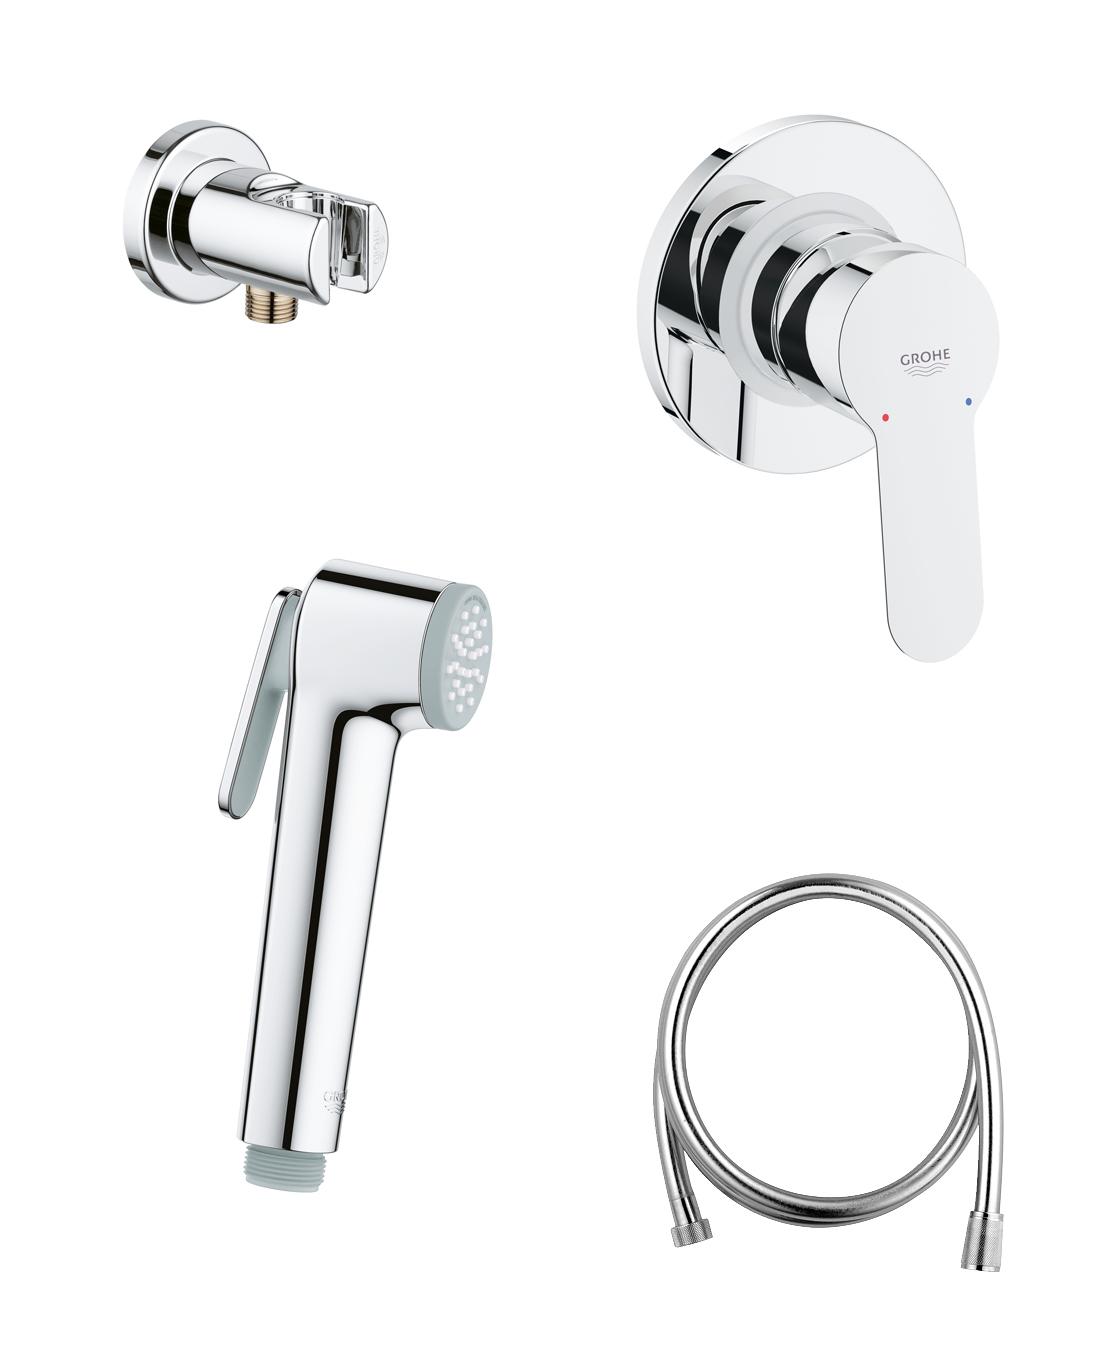 Готовый комплект для гигиенического душа GROHE BauEdge: встраиваемый смеситель, гигиенический душ со шлангом и держателем, хром (124898)